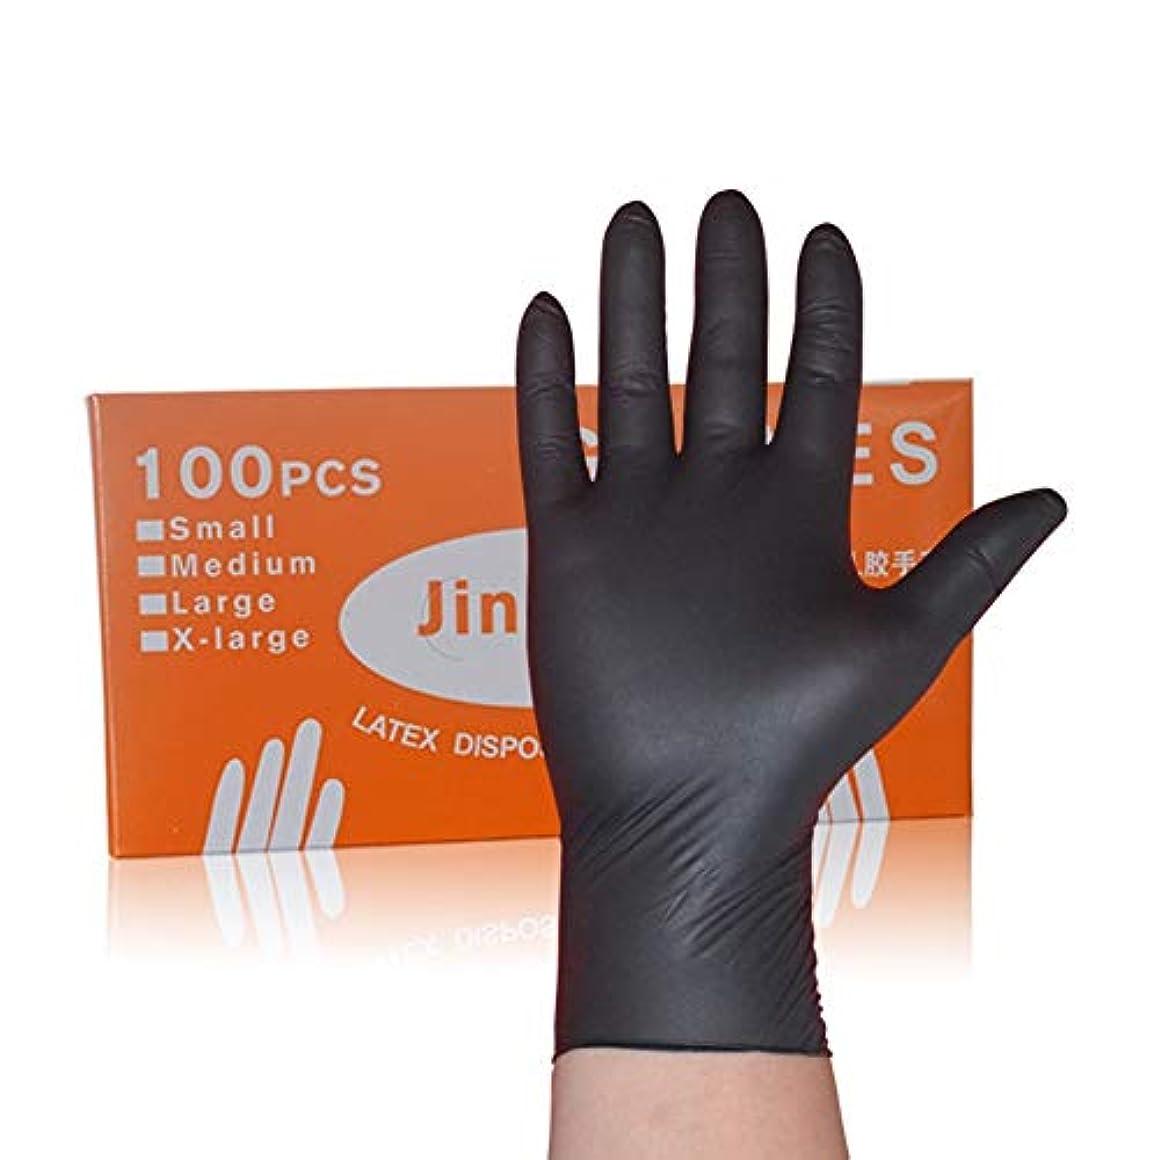 居間積極的にからに変化するNbr使い捨て手袋ラテックスニトリル帯電防止ゴム実験機械美容院タトゥー手袋 YANW (色 : ブラック, サイズ さいず : L l)